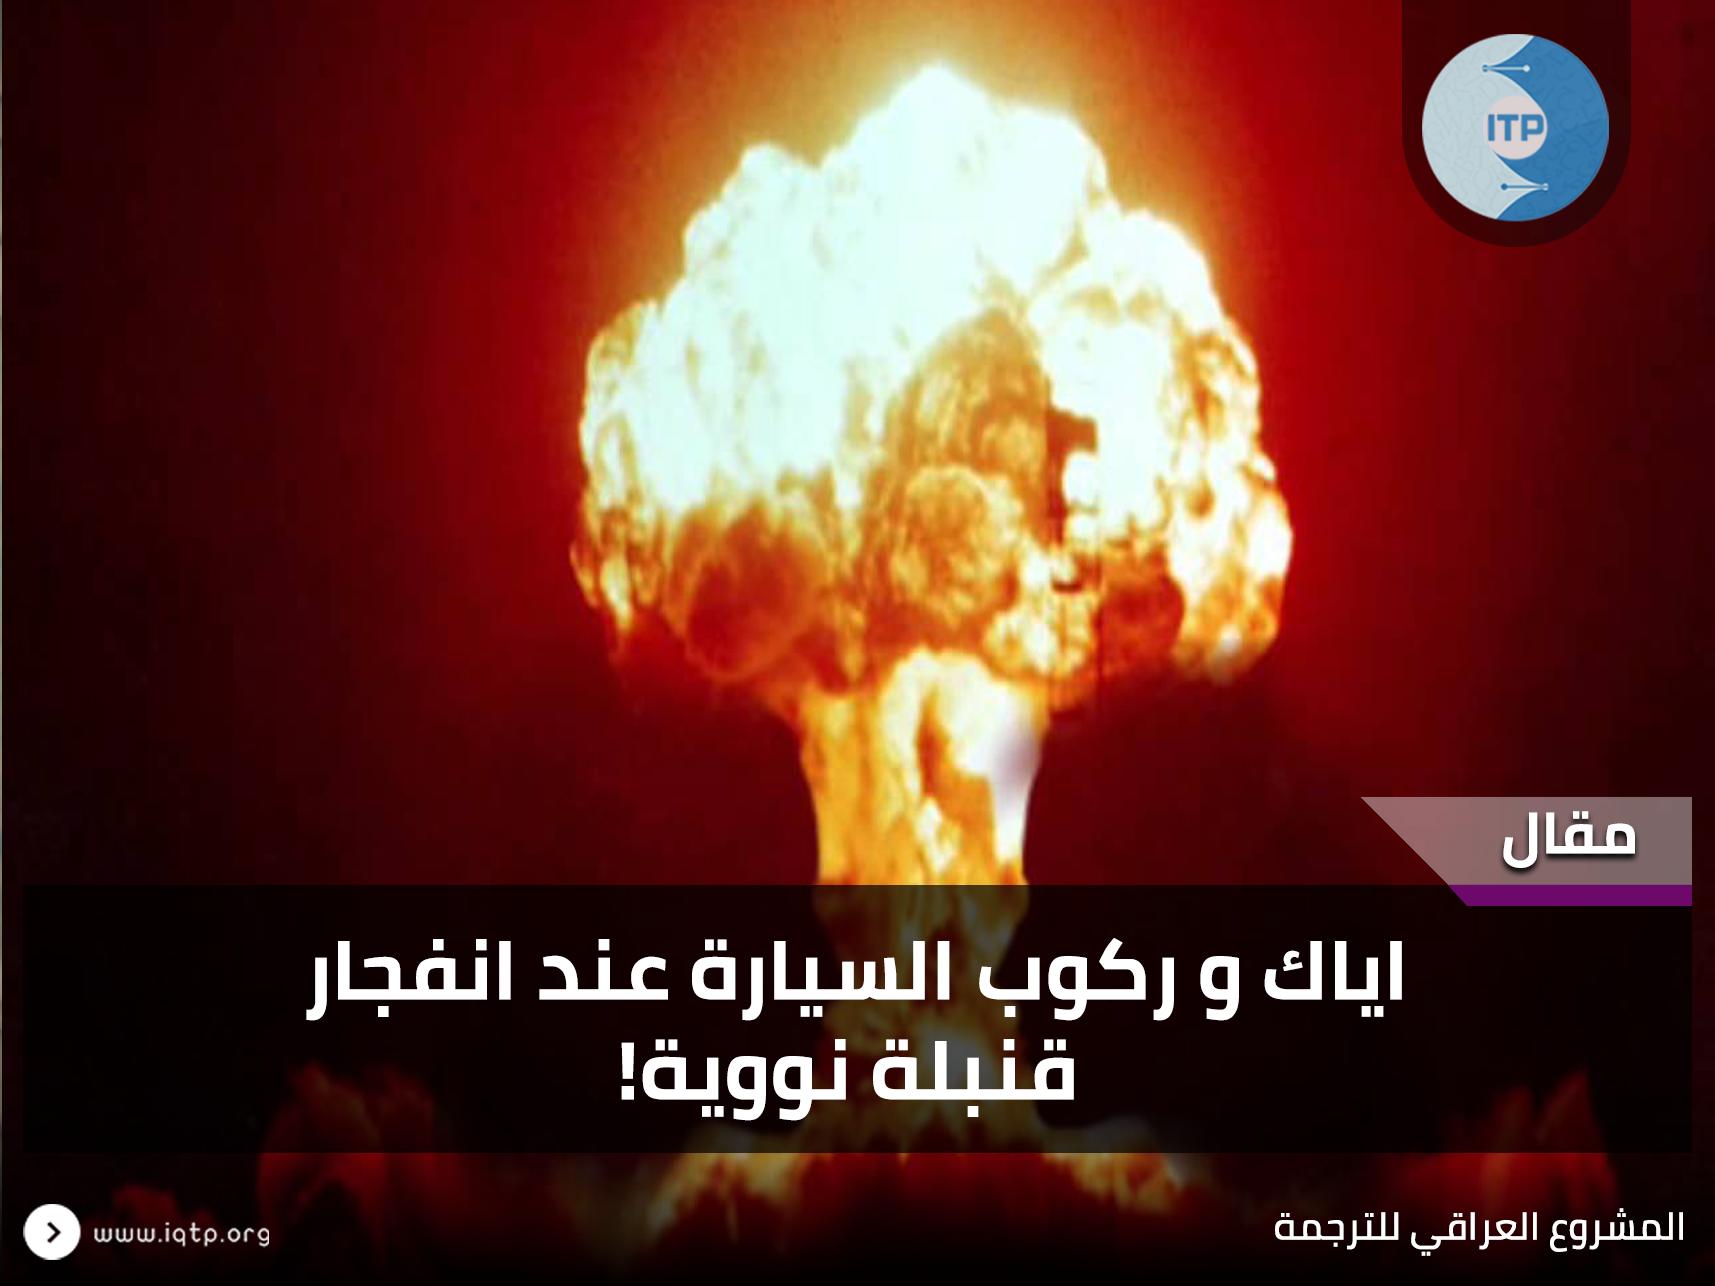 اياك و ركوب السيارة عند انفجار قنبلة نووية!